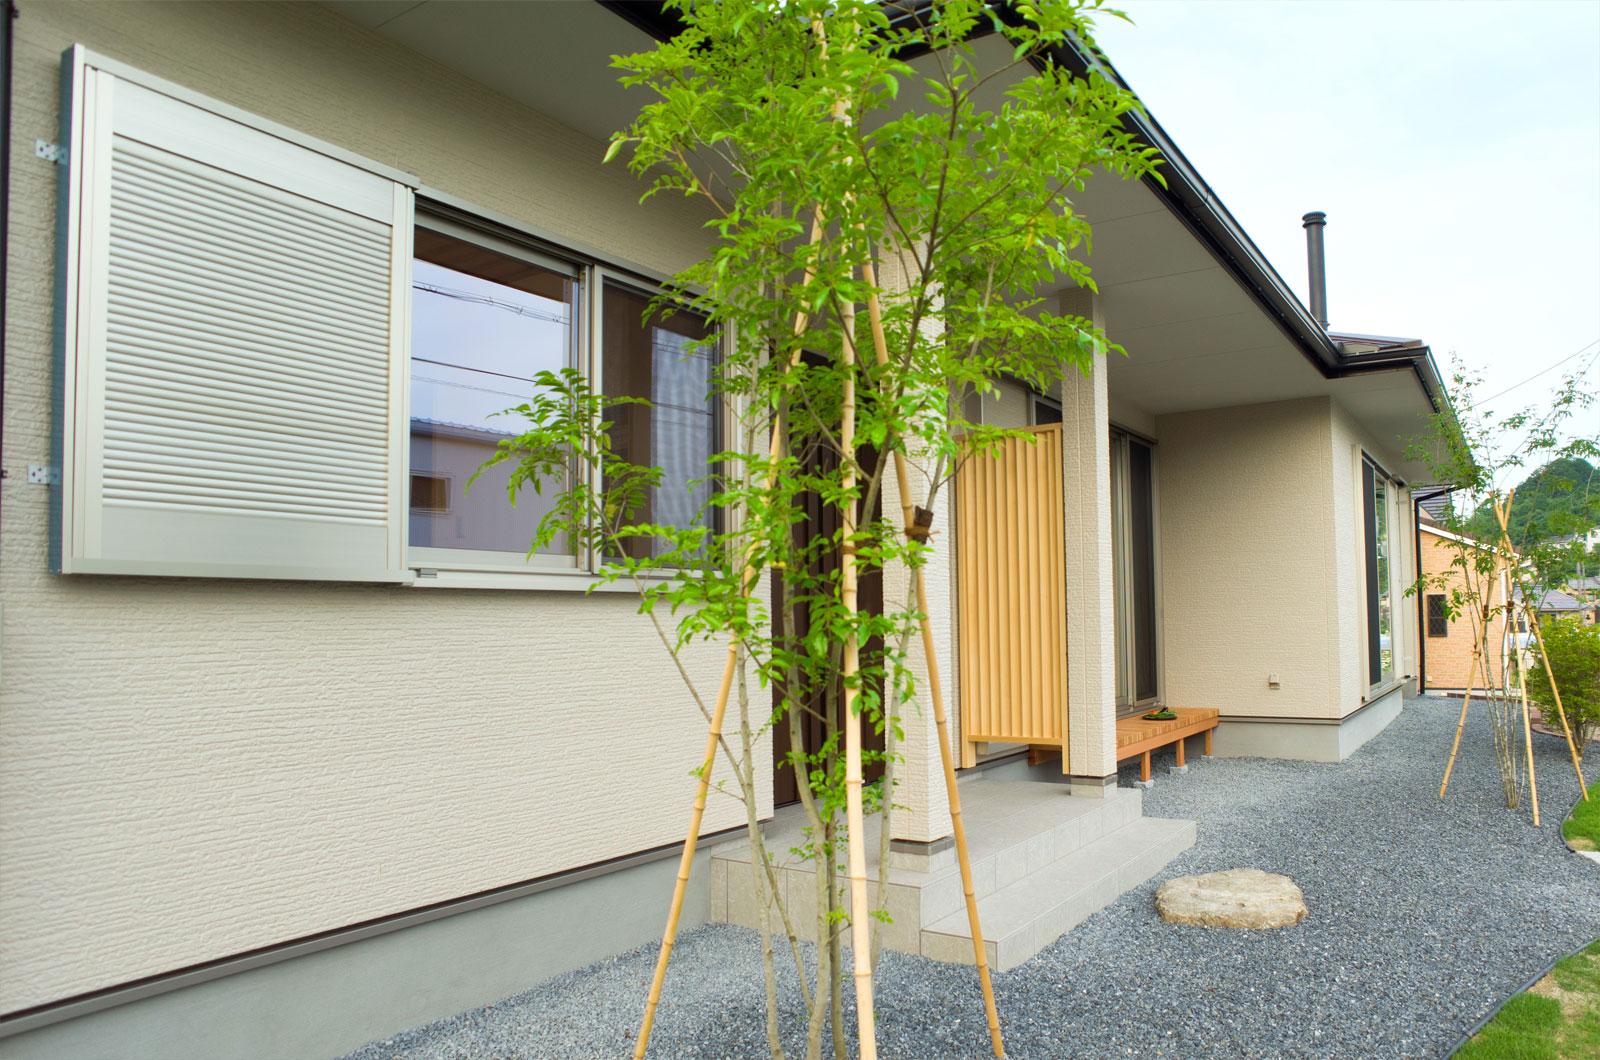 新しく植えられた庭木とともにこのおうちは成長していきます。